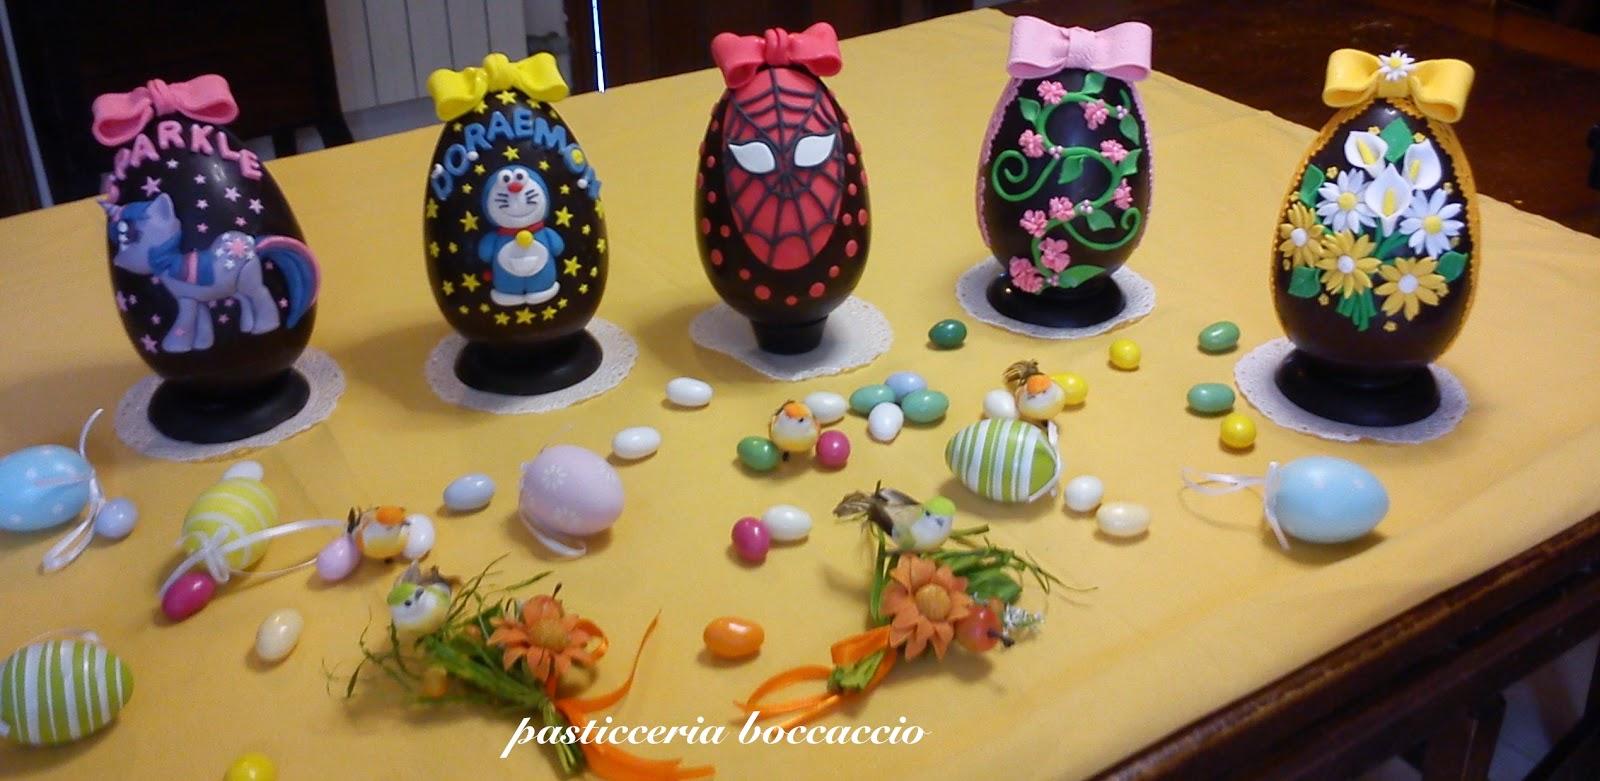 Pasticceria boccaccio uova di pasqua decorate - Uova di pasqua decorati a mano ...